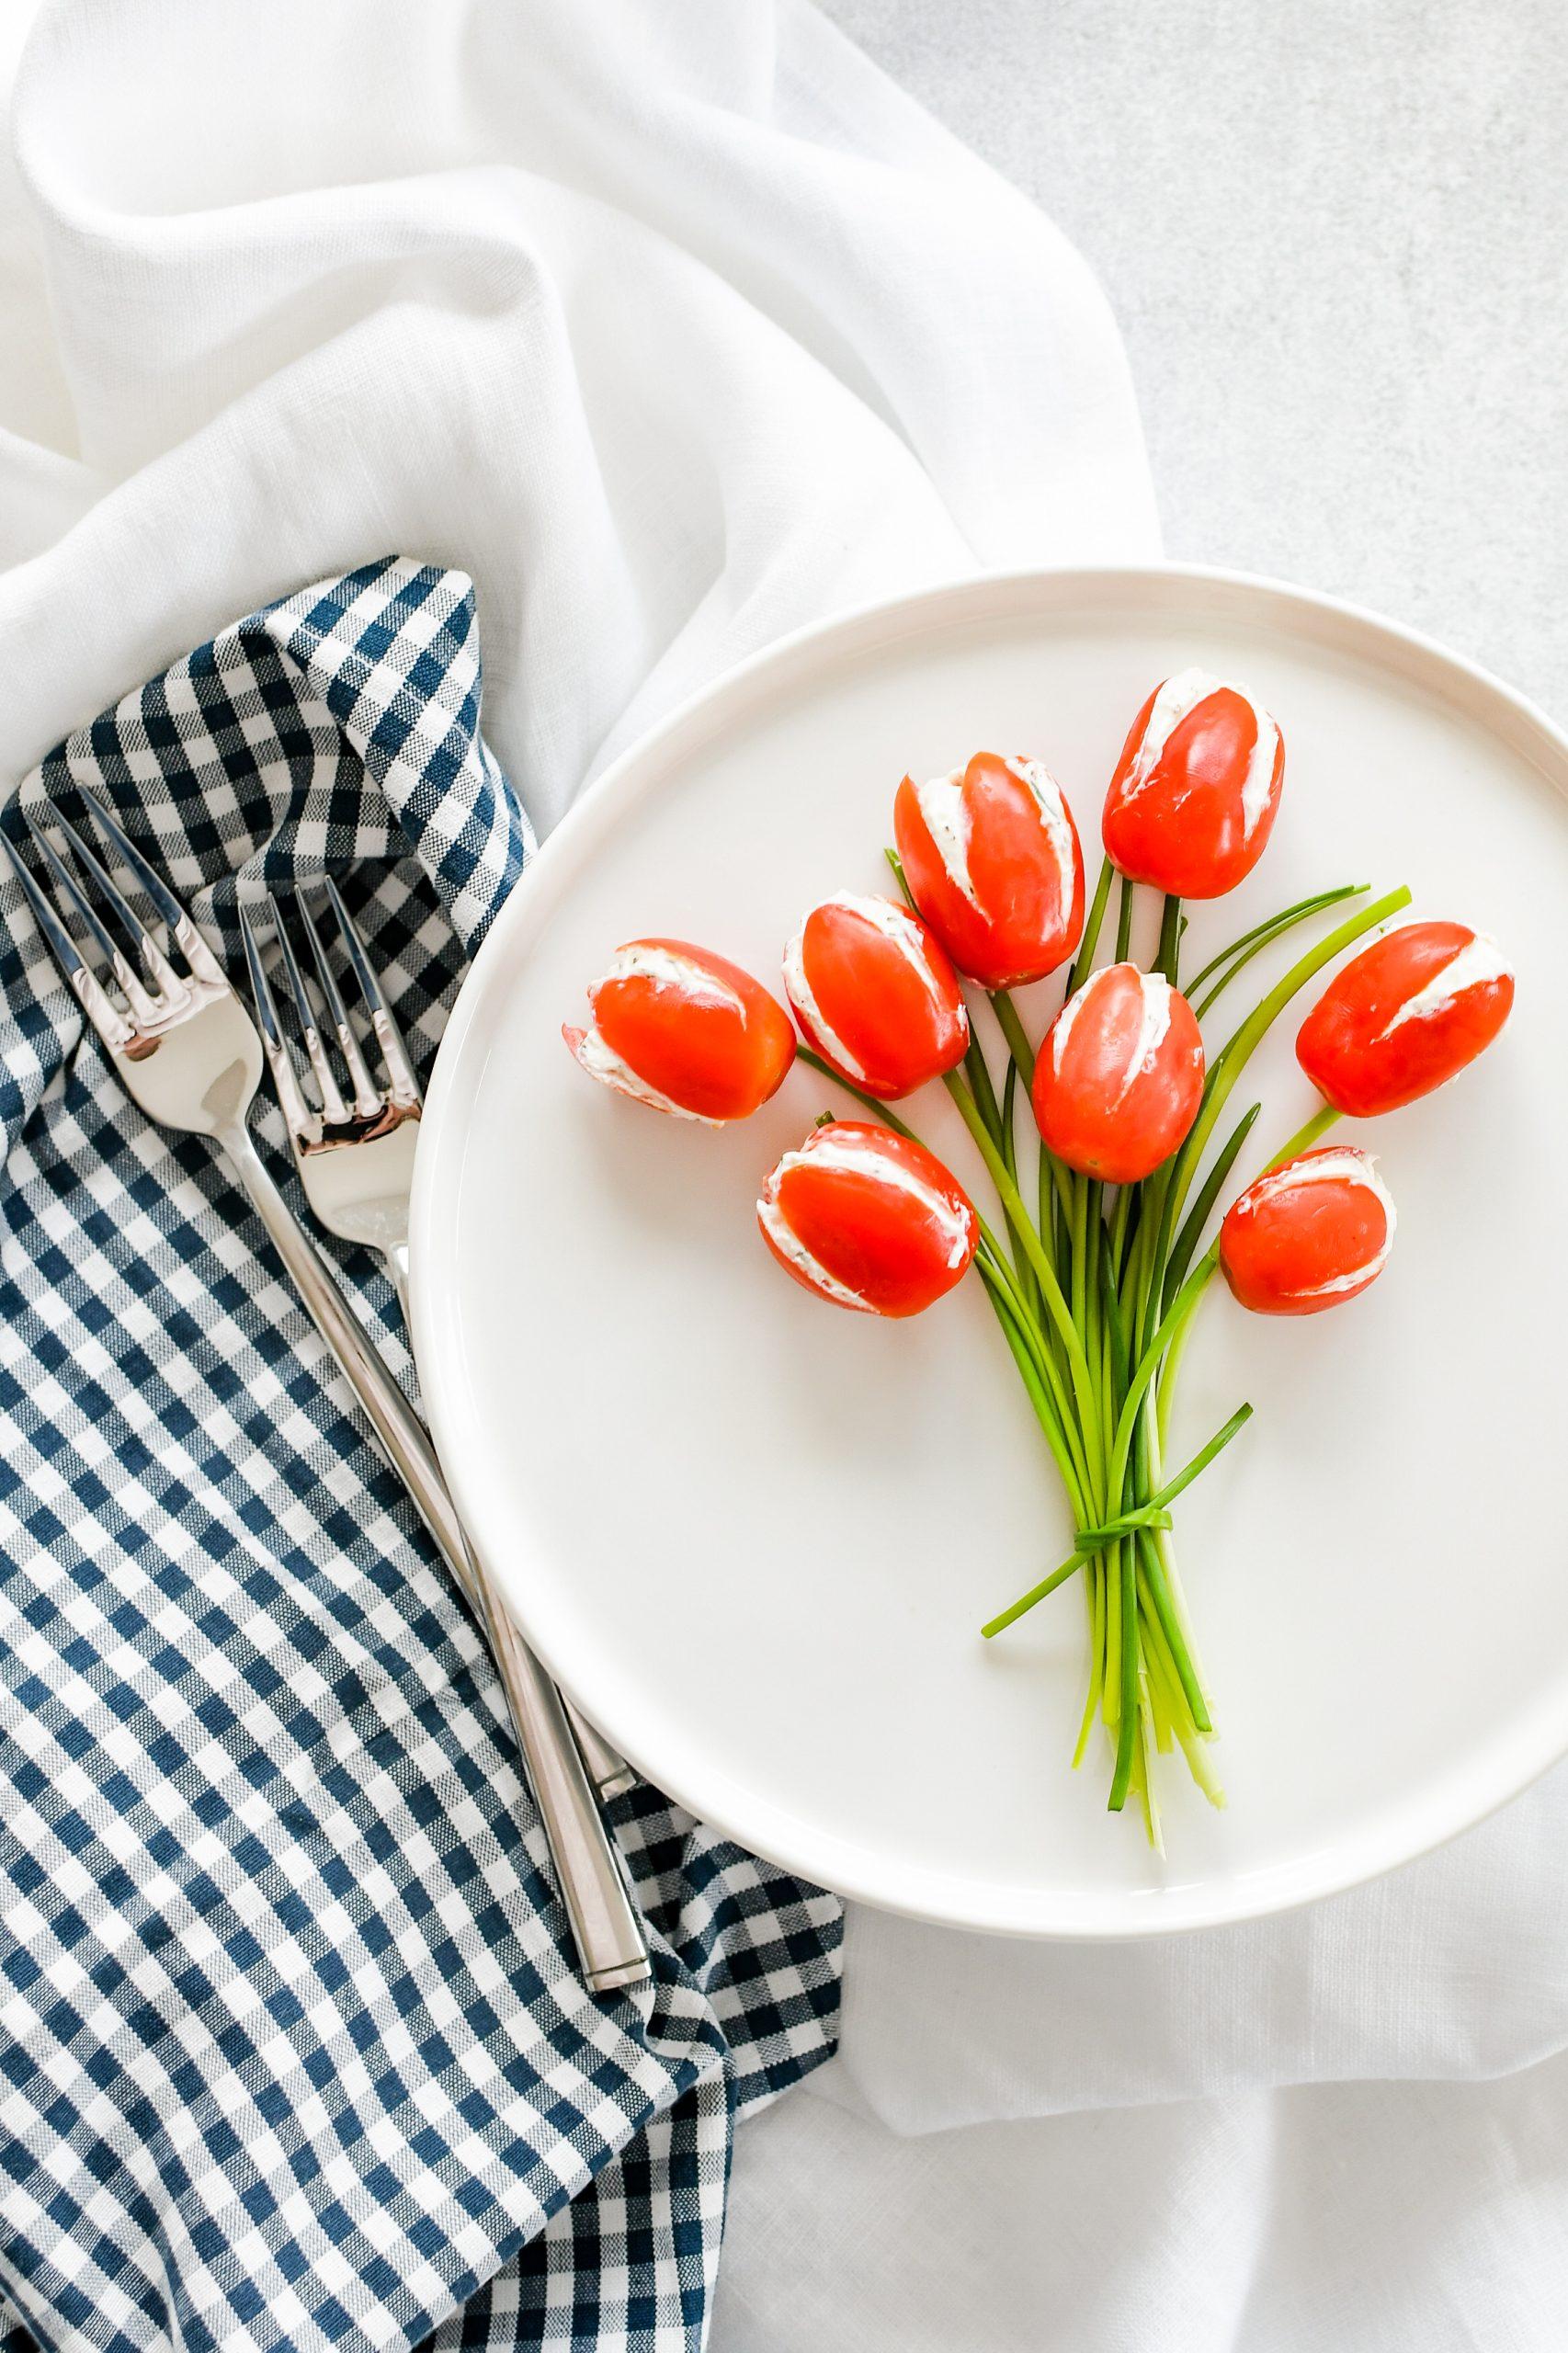 tulpen van tomaatjes, boeket met tomatentulpen